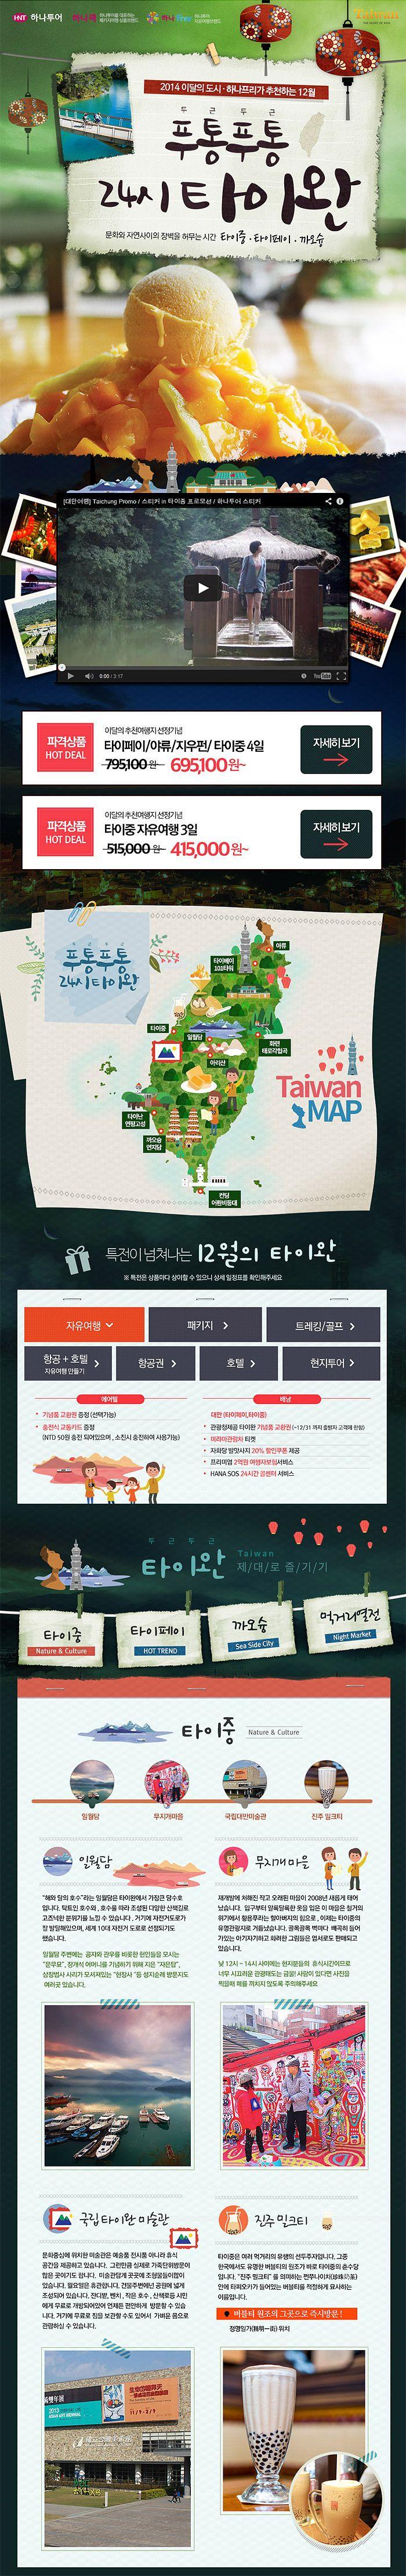 旅游美食产品详情页设计,来源自黄蜂网http://woofeng.cn/